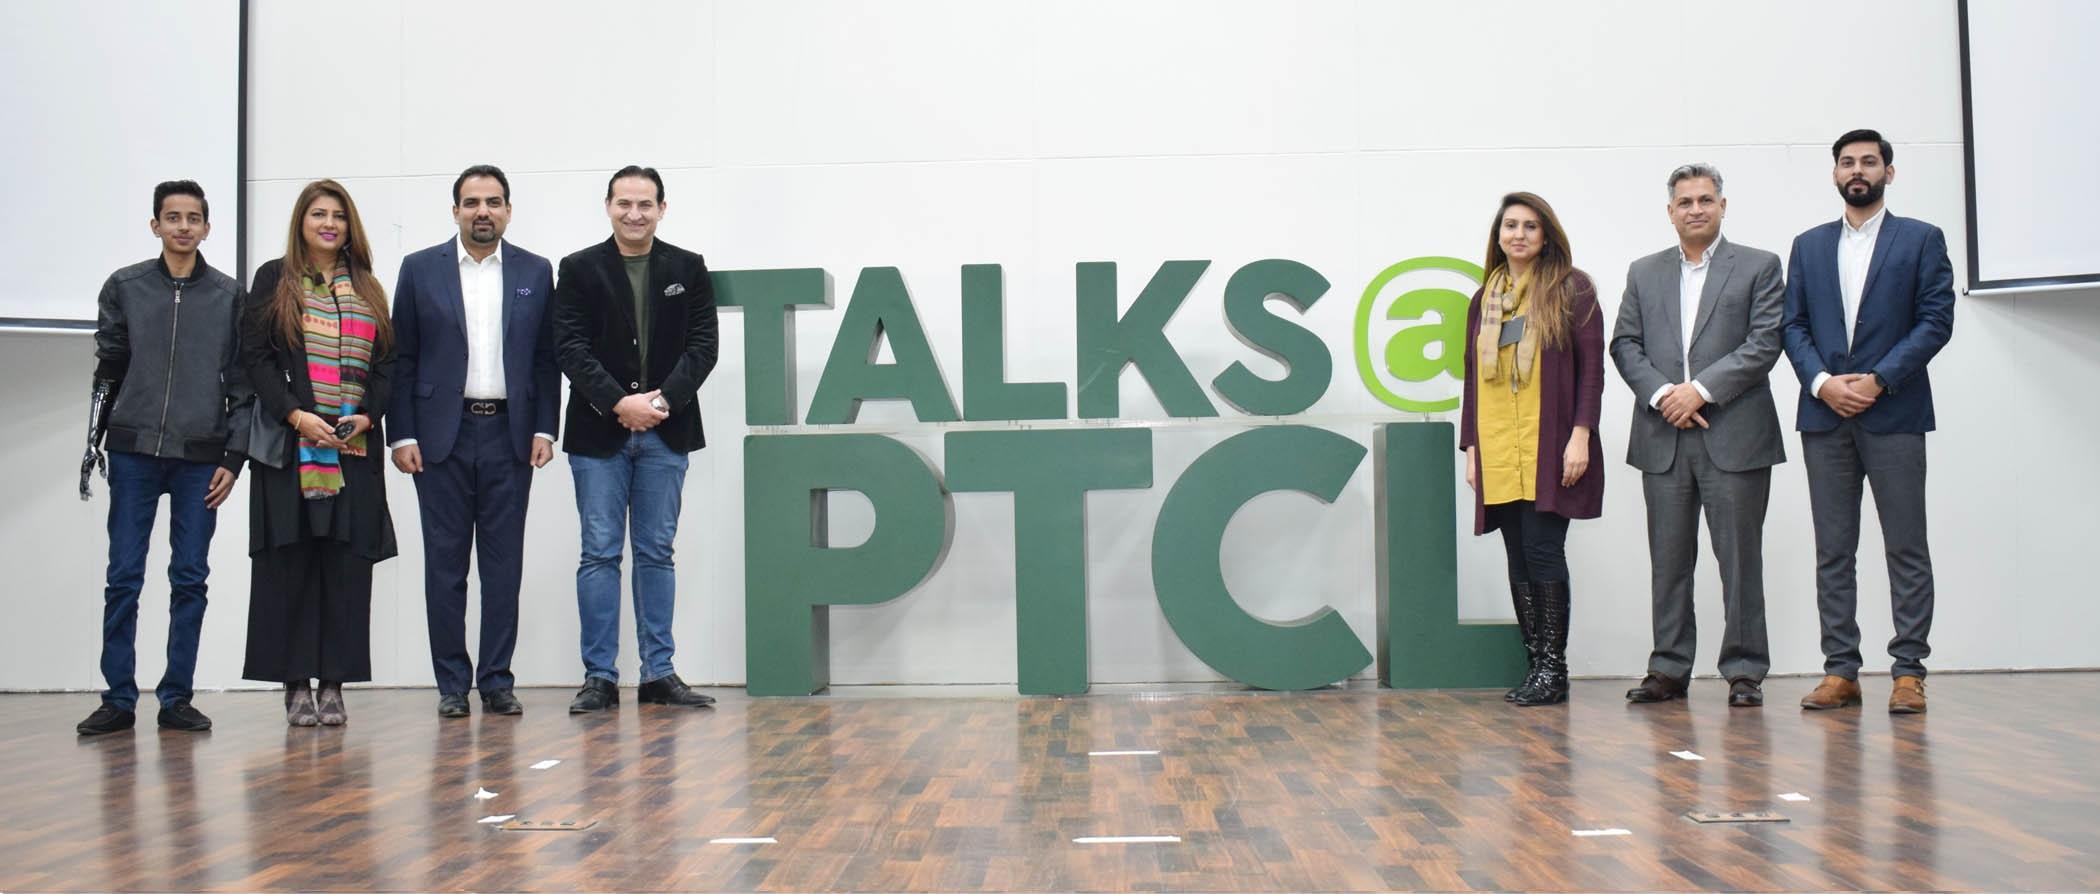 Talks@PTCL-TechJuice